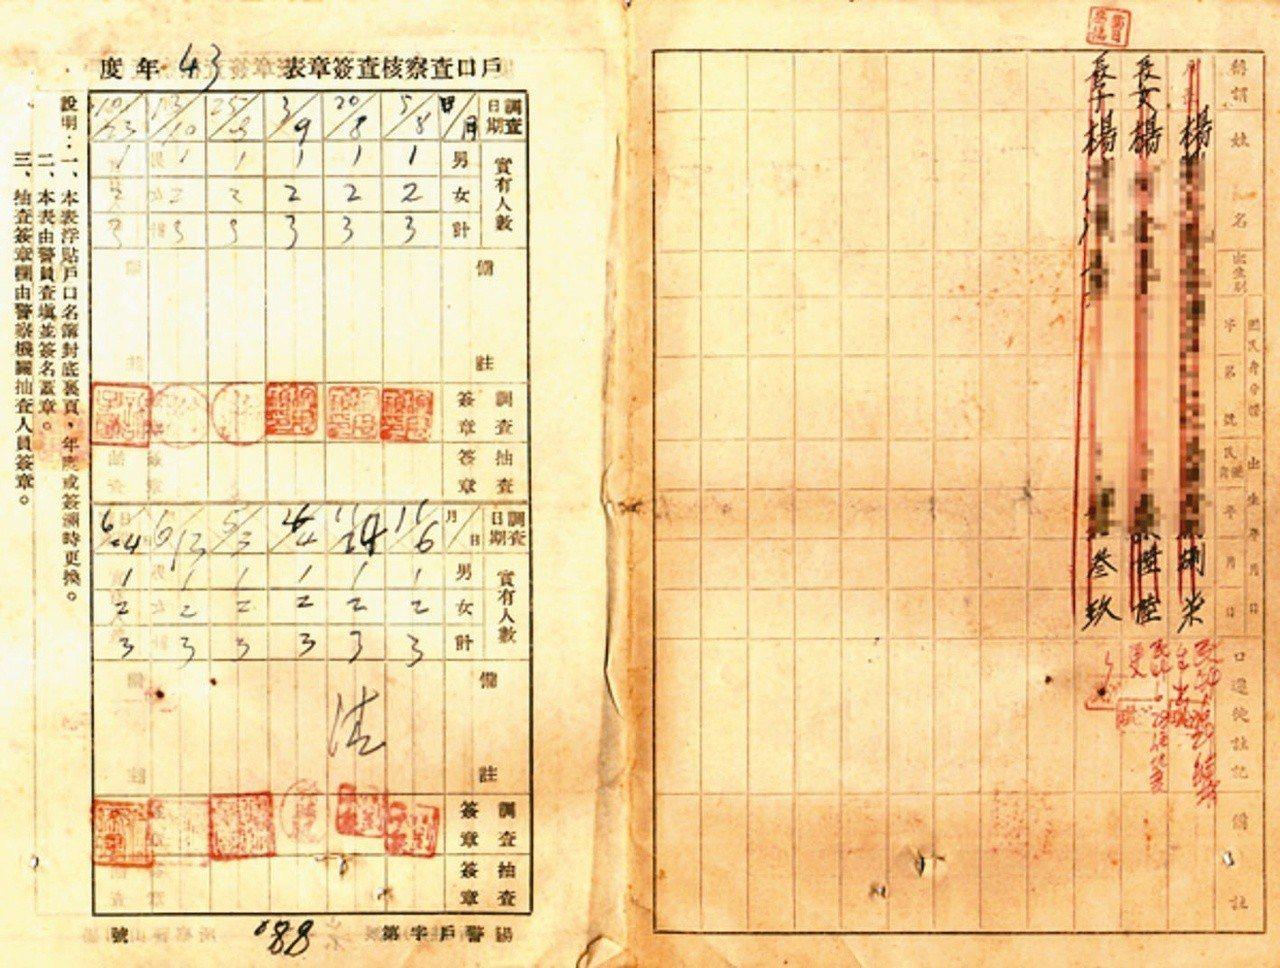 1954年陽明山管理局核發的戶口名簿背面。 圖/新北戶政博物館提供